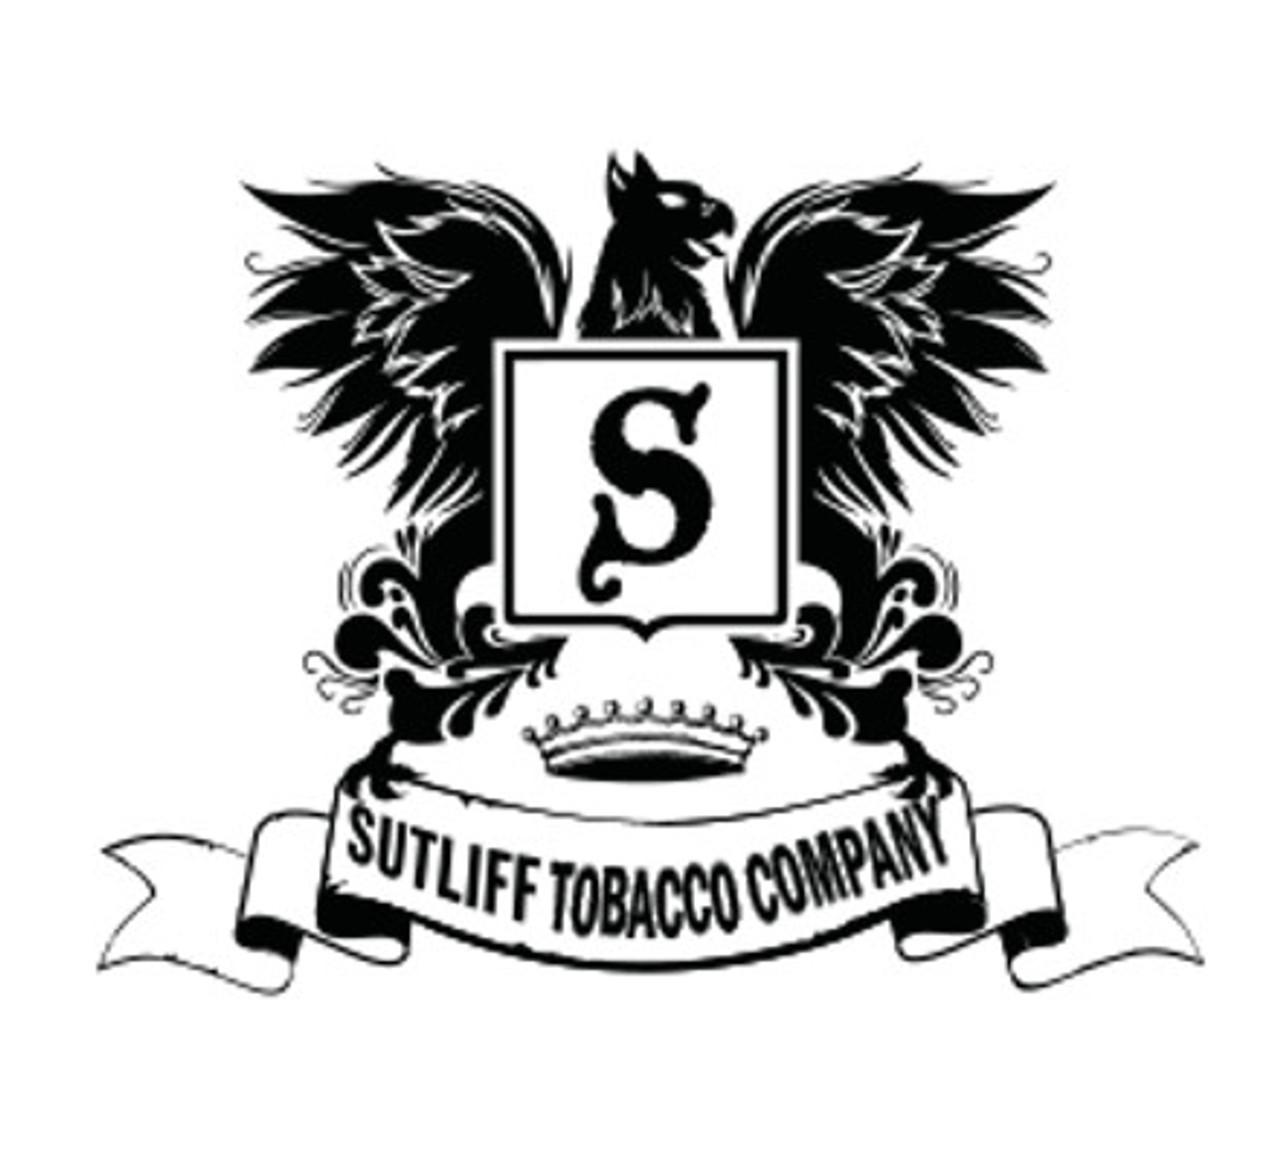 Sutliff 777 Amaretto Bulk Pipe Tobacco 5 LB